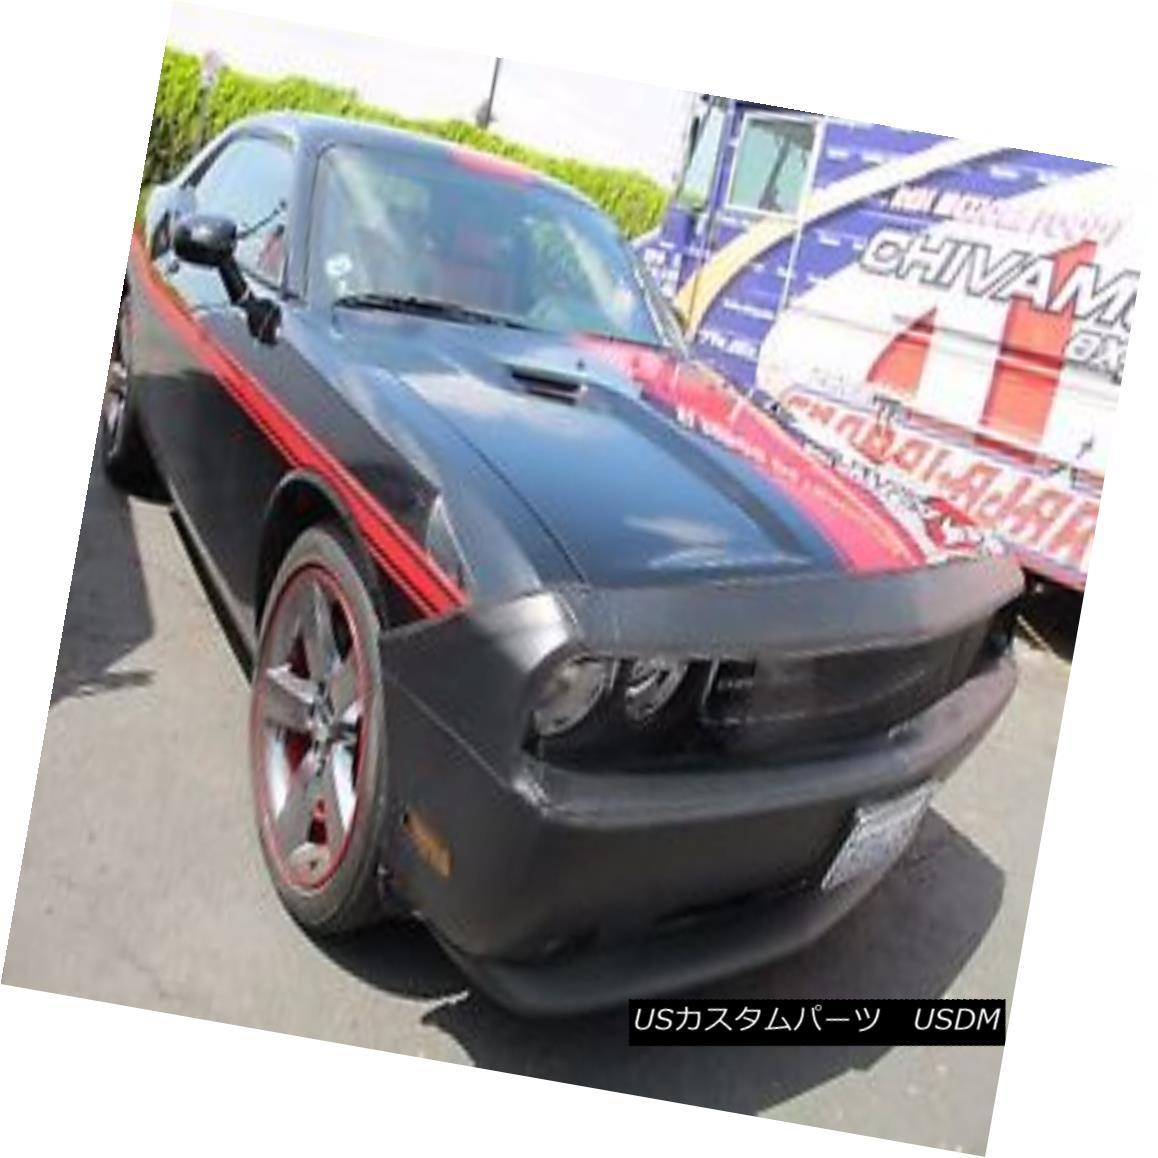 フルブラ ノーズブラ Colgan Front End Mask Bra 1pc. Fits Dodge Challenger 2011-2014 W/Tag EXC.SRT8 コルガンフロントエンドマスクブラ1pc フィットダッジチャレンジャー2011-2014 W /タグEXC.SRT8